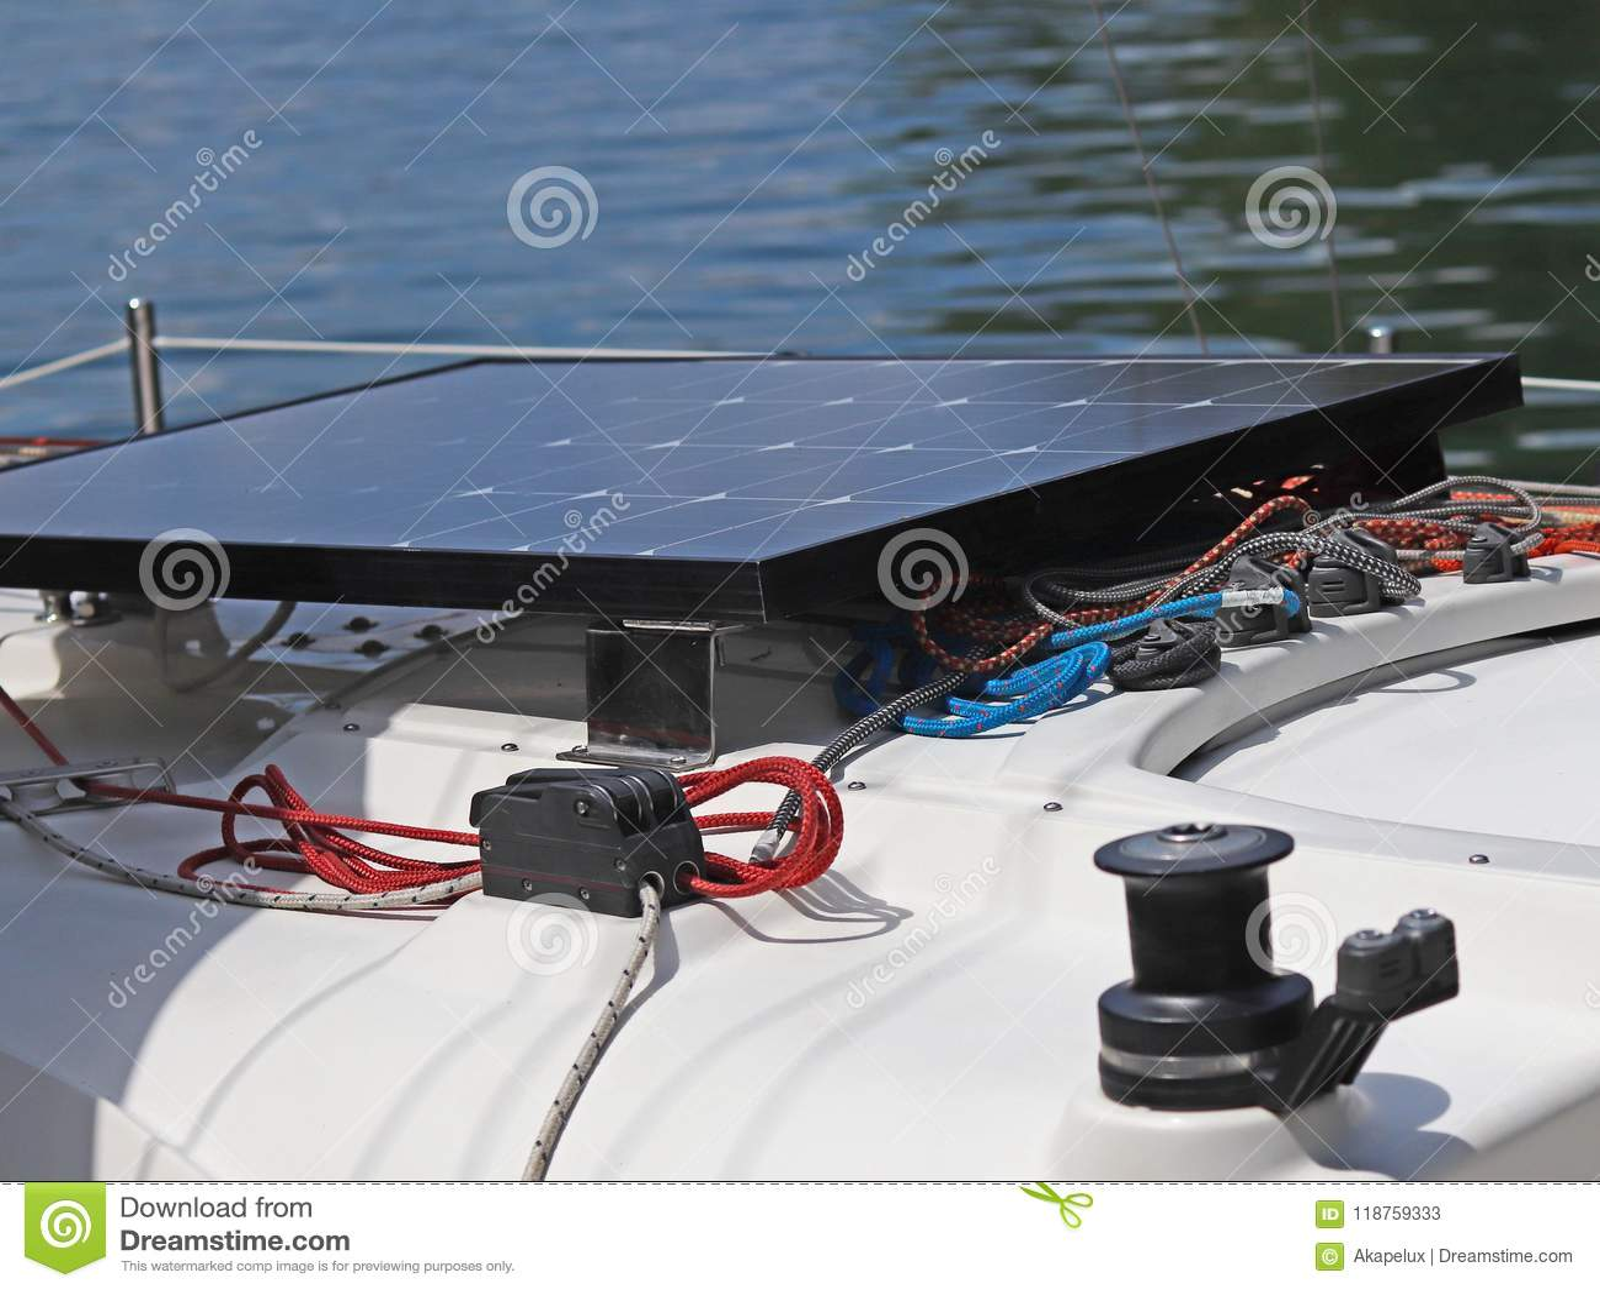 Słoneczna bateria dla rozwoju elektryczny prąd pod wpływem światła słonecznego wspinał się na pokładzie mały żeglowanie jacht